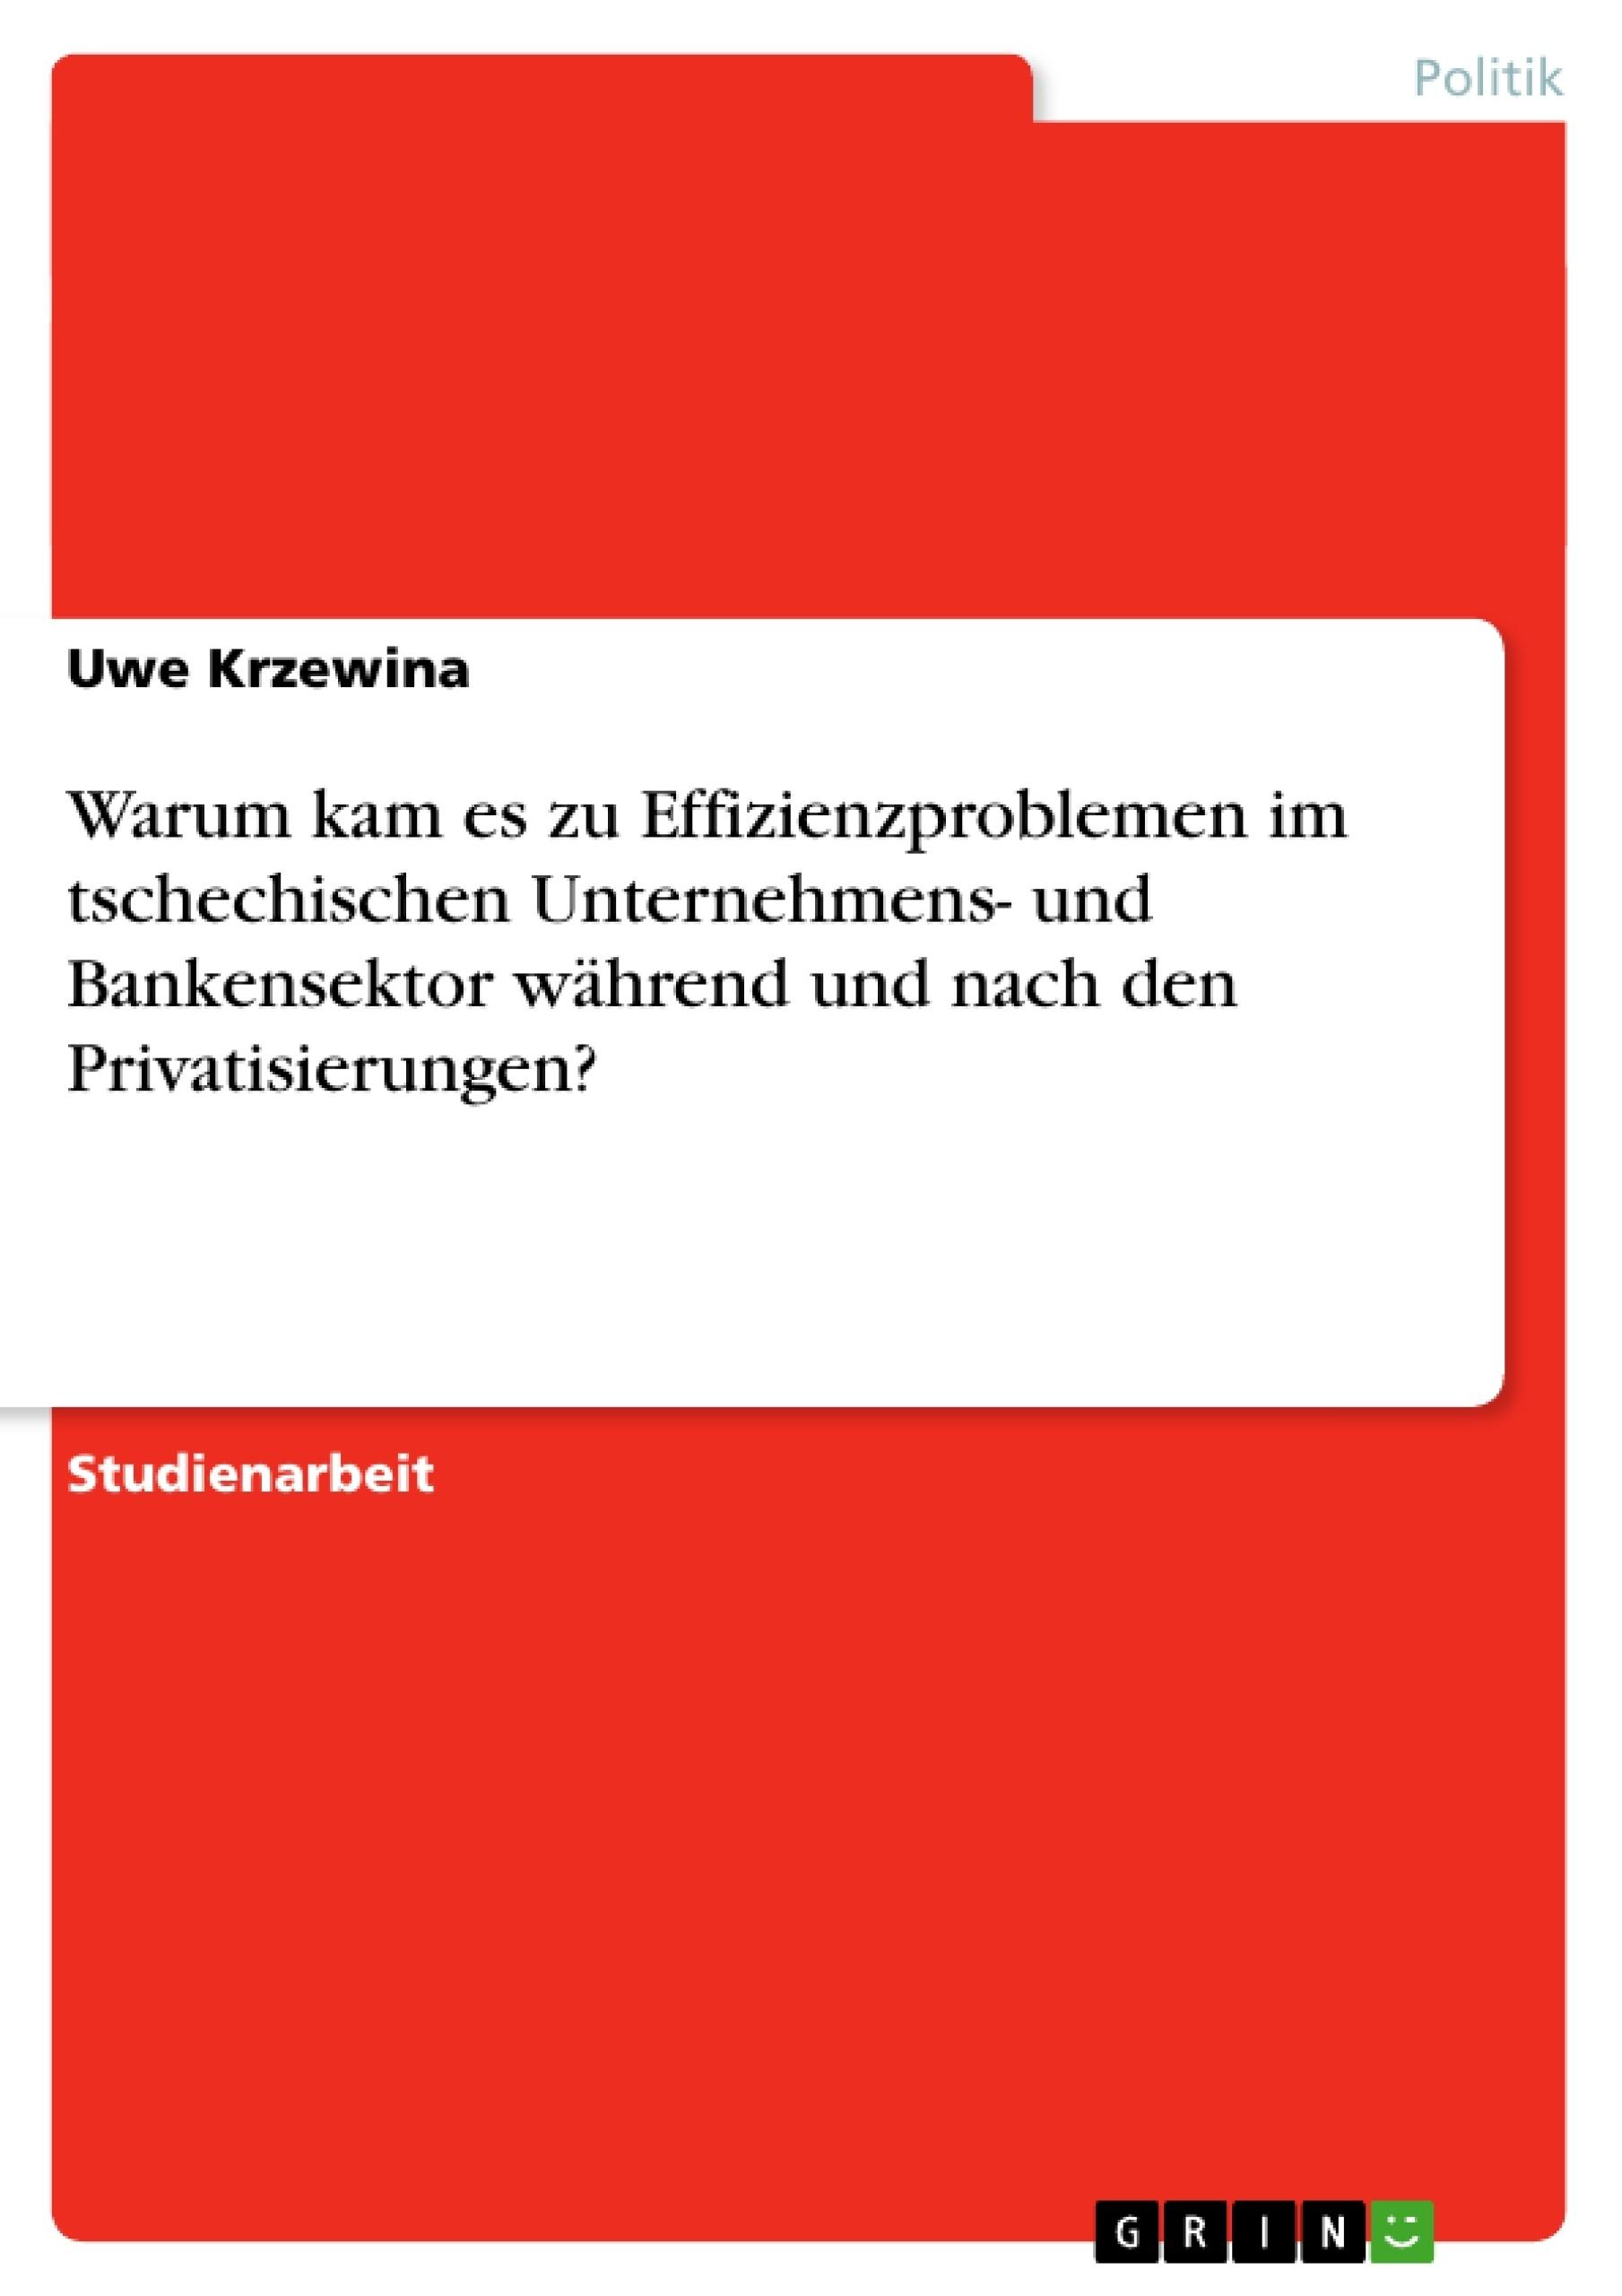 Titel: Warum kam es zu Effizienzproblemen im tschechischen Unternehmens- und Bankensektor während und nach den Privatisierungen?